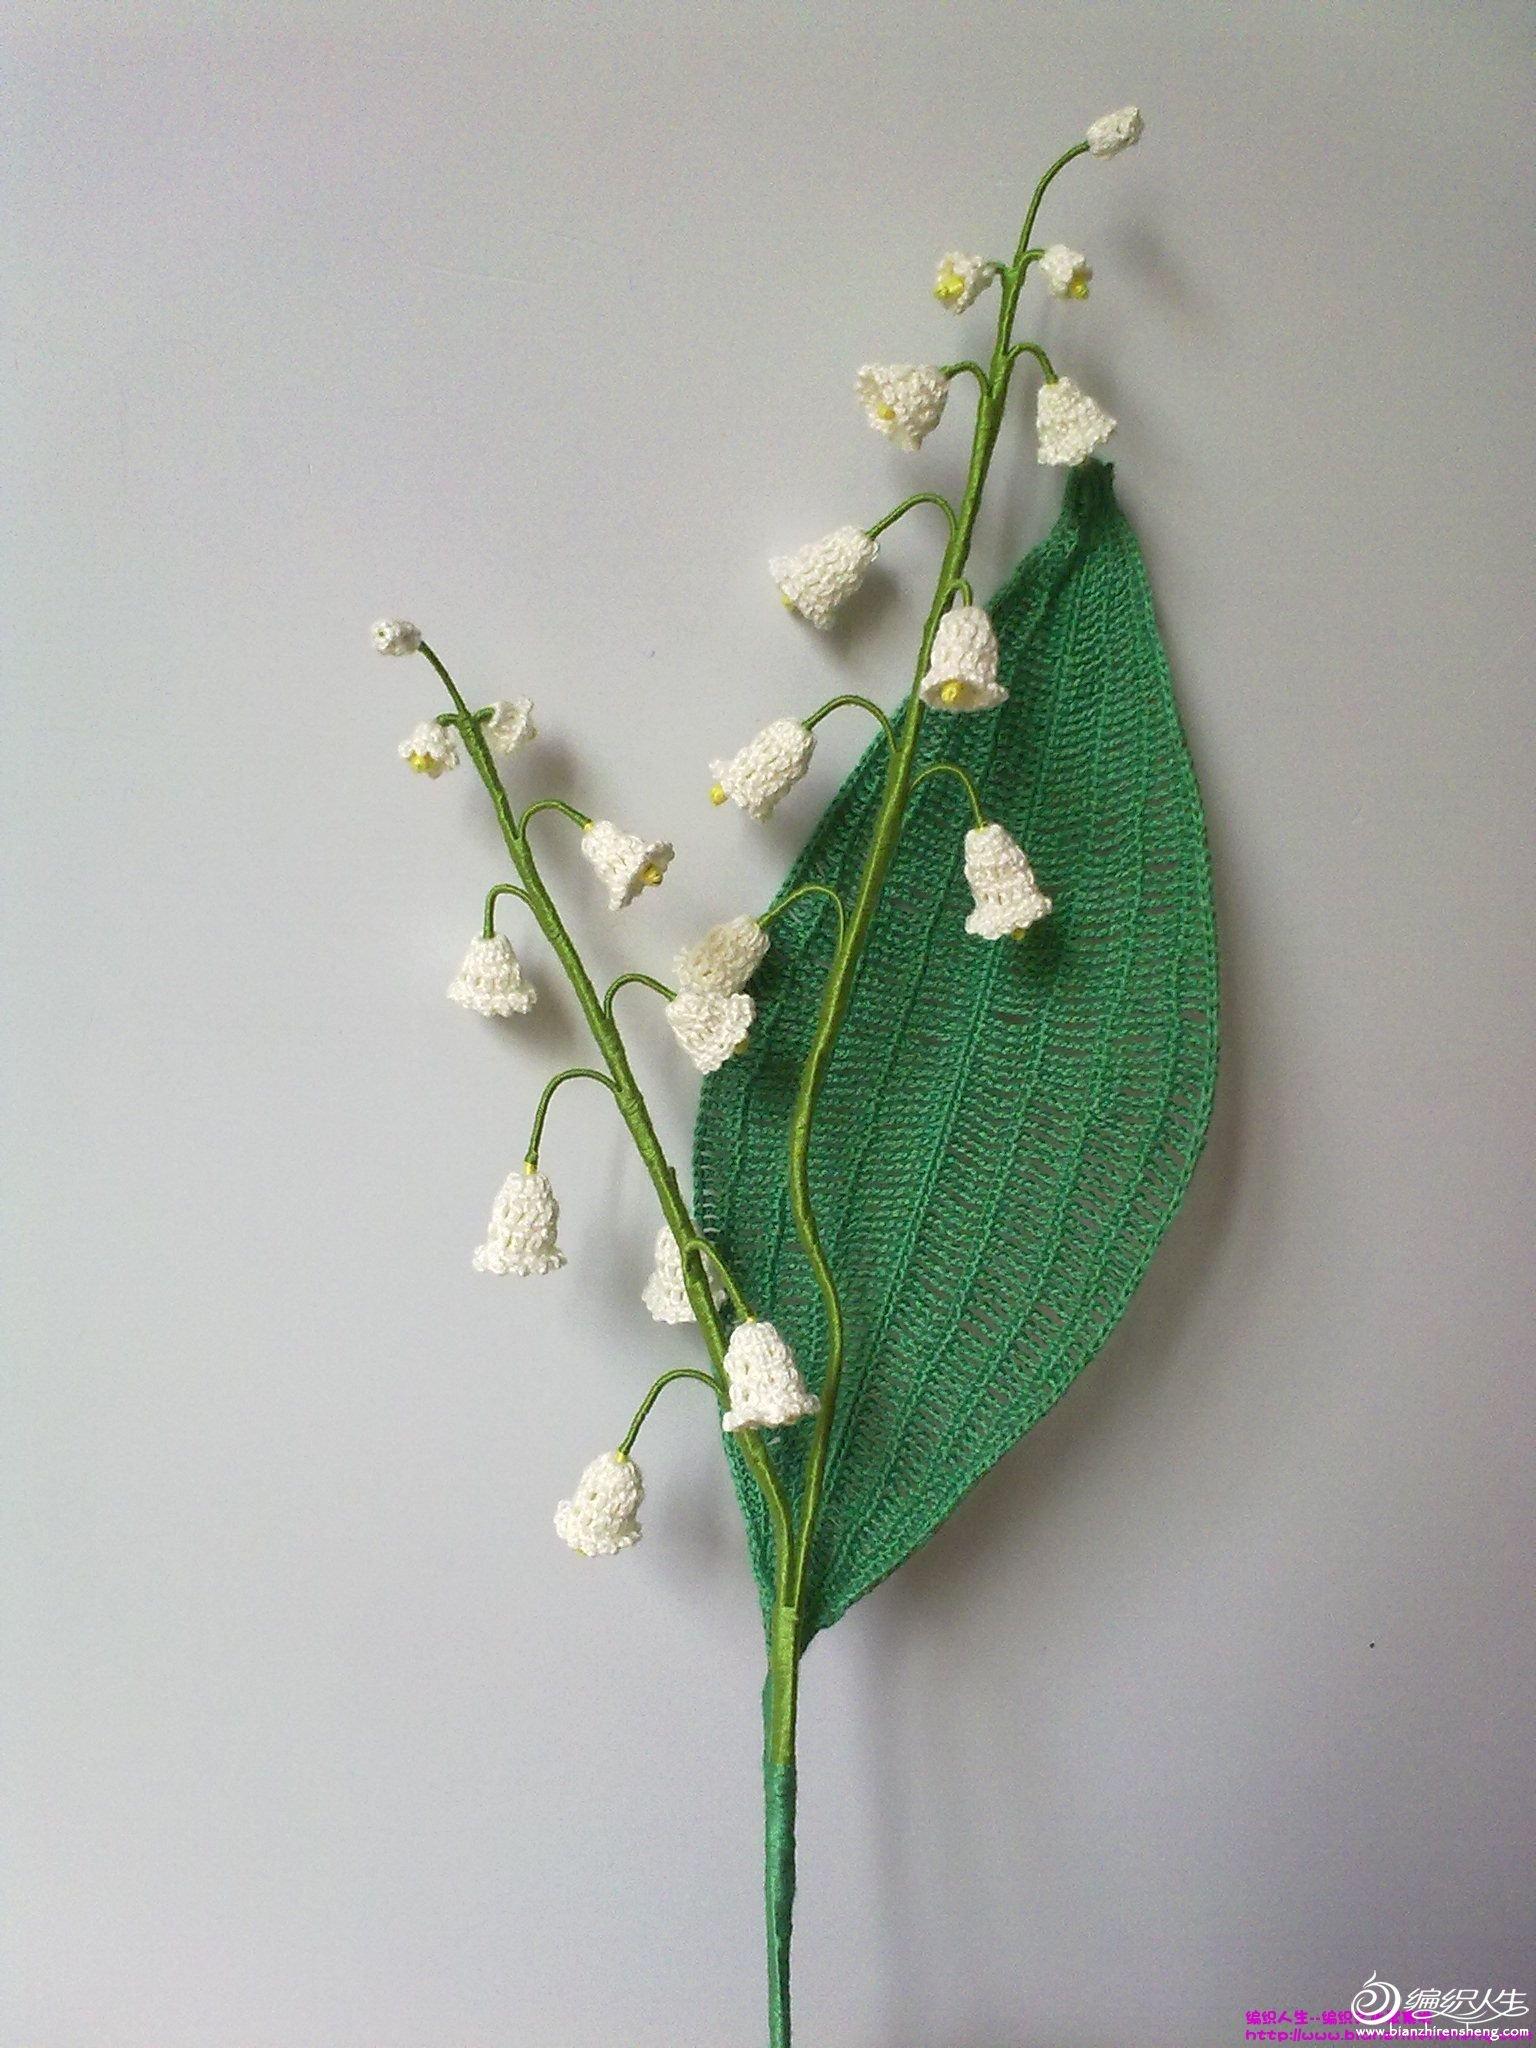 钩针花卉——玫瑰花,康乃馨,百合花,郁金香,风铃花,还有小盆绣球花.